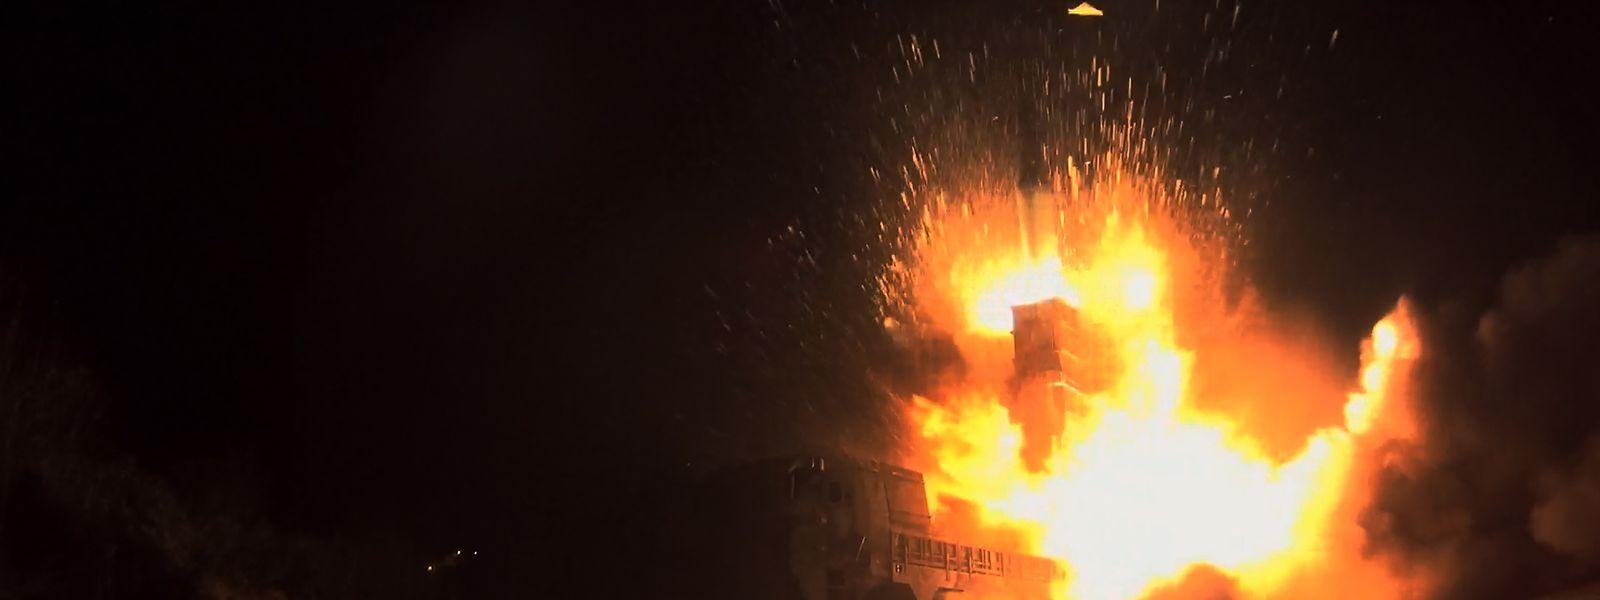 Südkorea reagierte schnell und feuerte drei Raketen ins Meer.